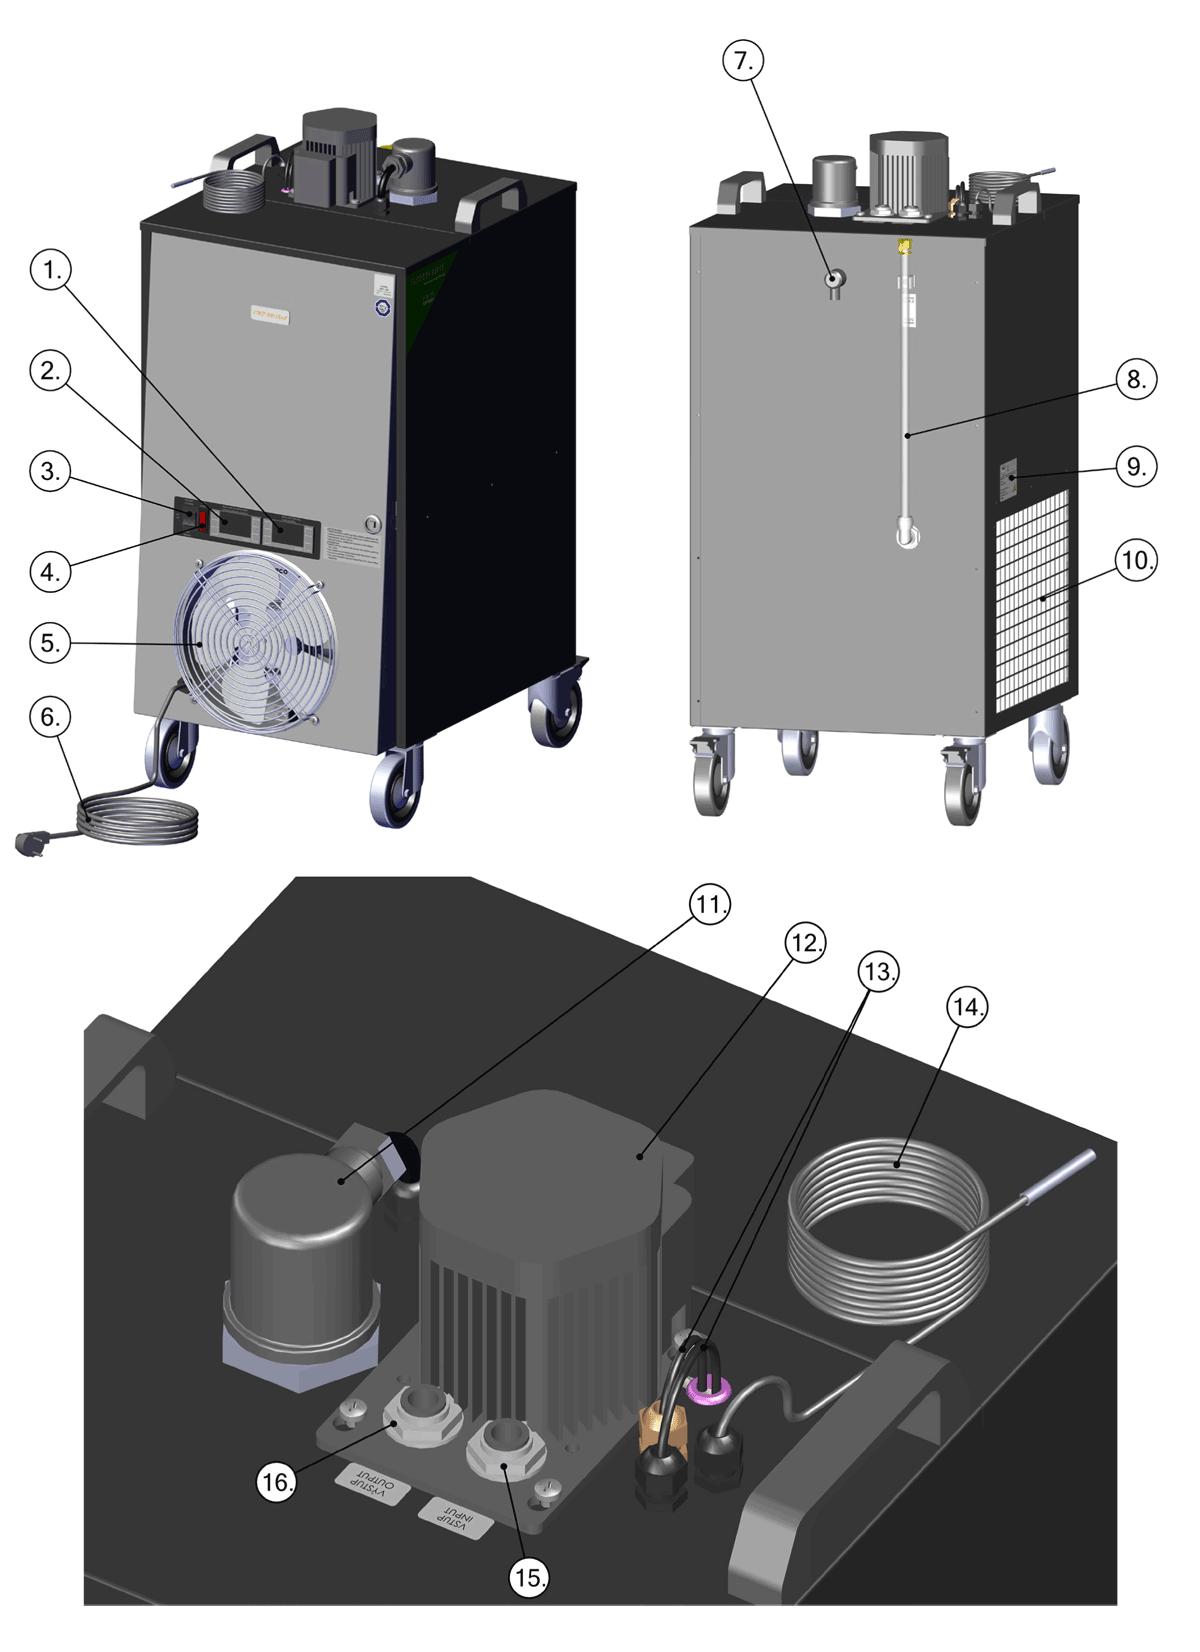 CLC-1P1200 cooler-heater description